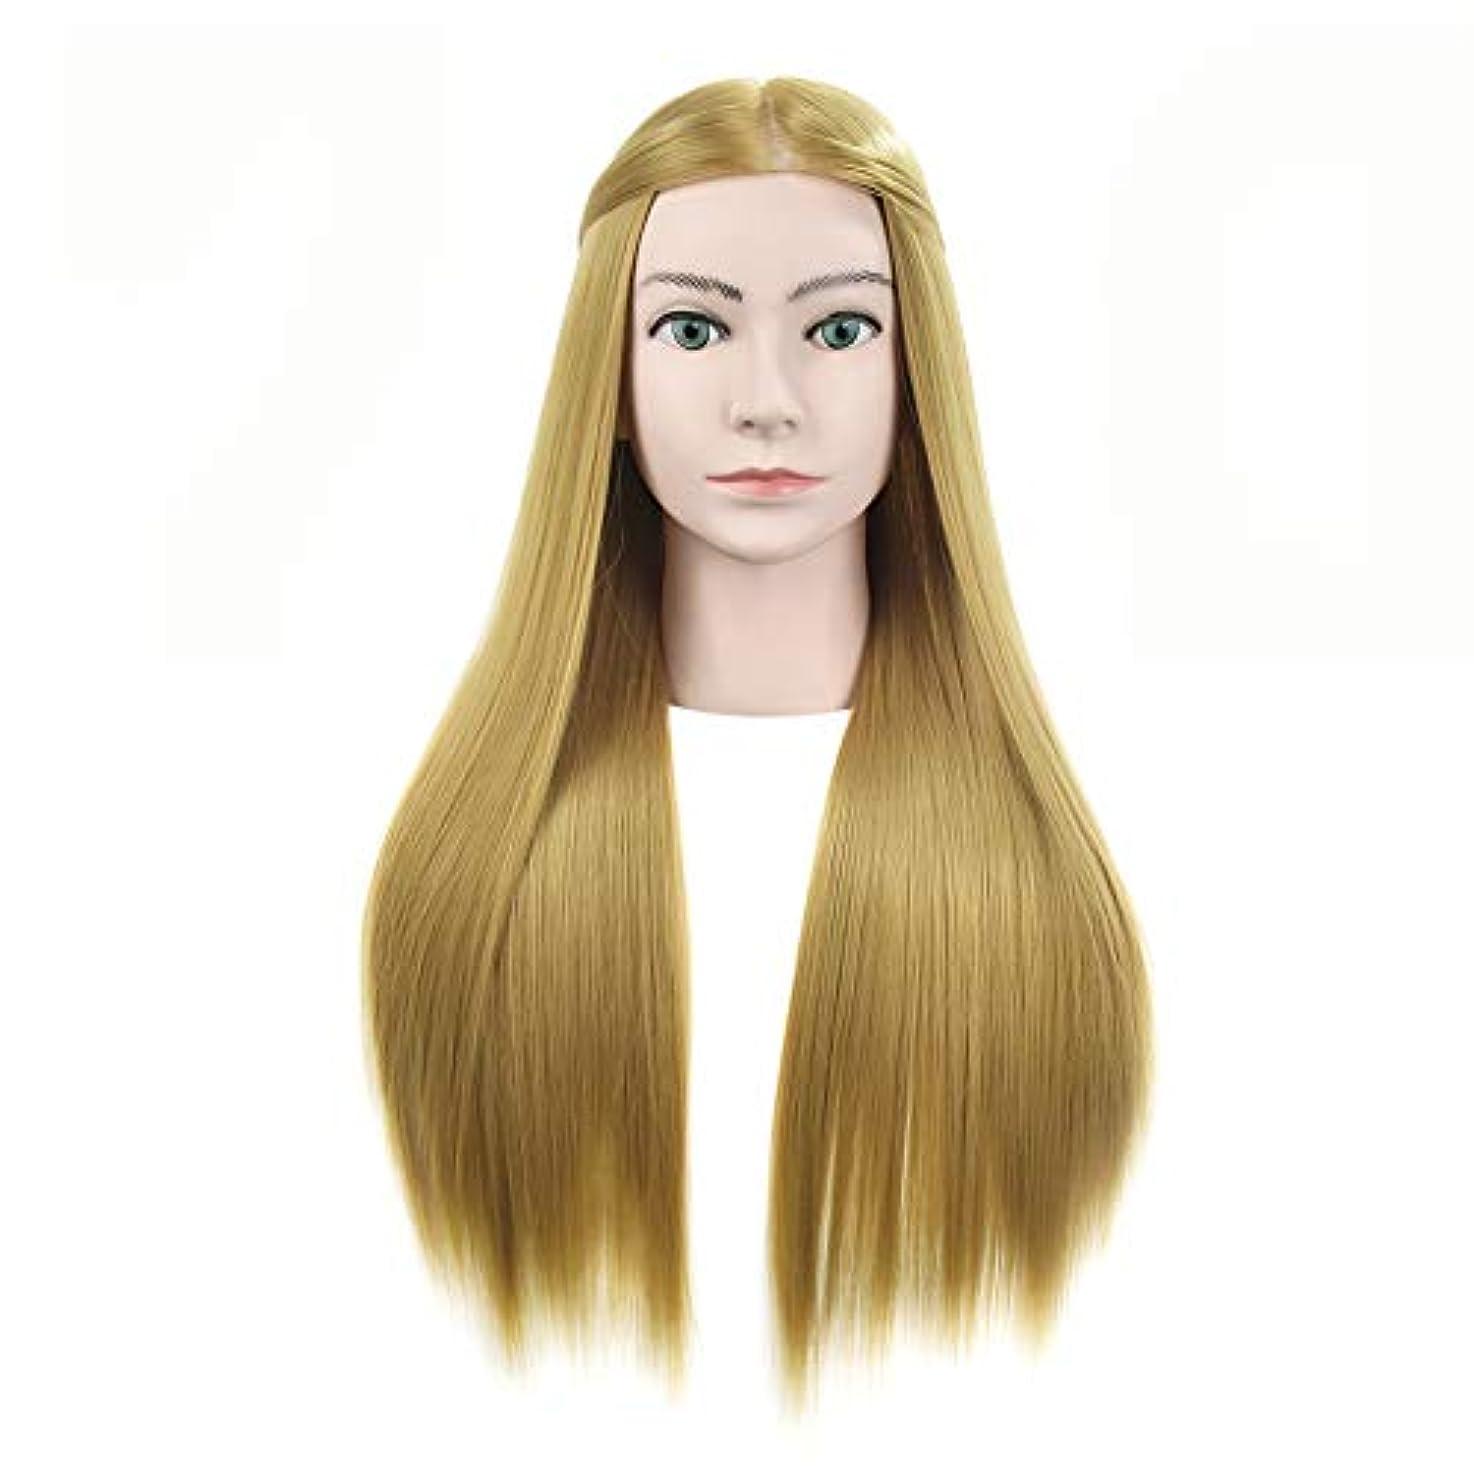 睡眠歌う大きなスケールで見るとメイクディスクヘアスタイリング編み教育ダミーヘッドサロンエクササイズヘッド金型理髪ヘアカットトレーニングかつら